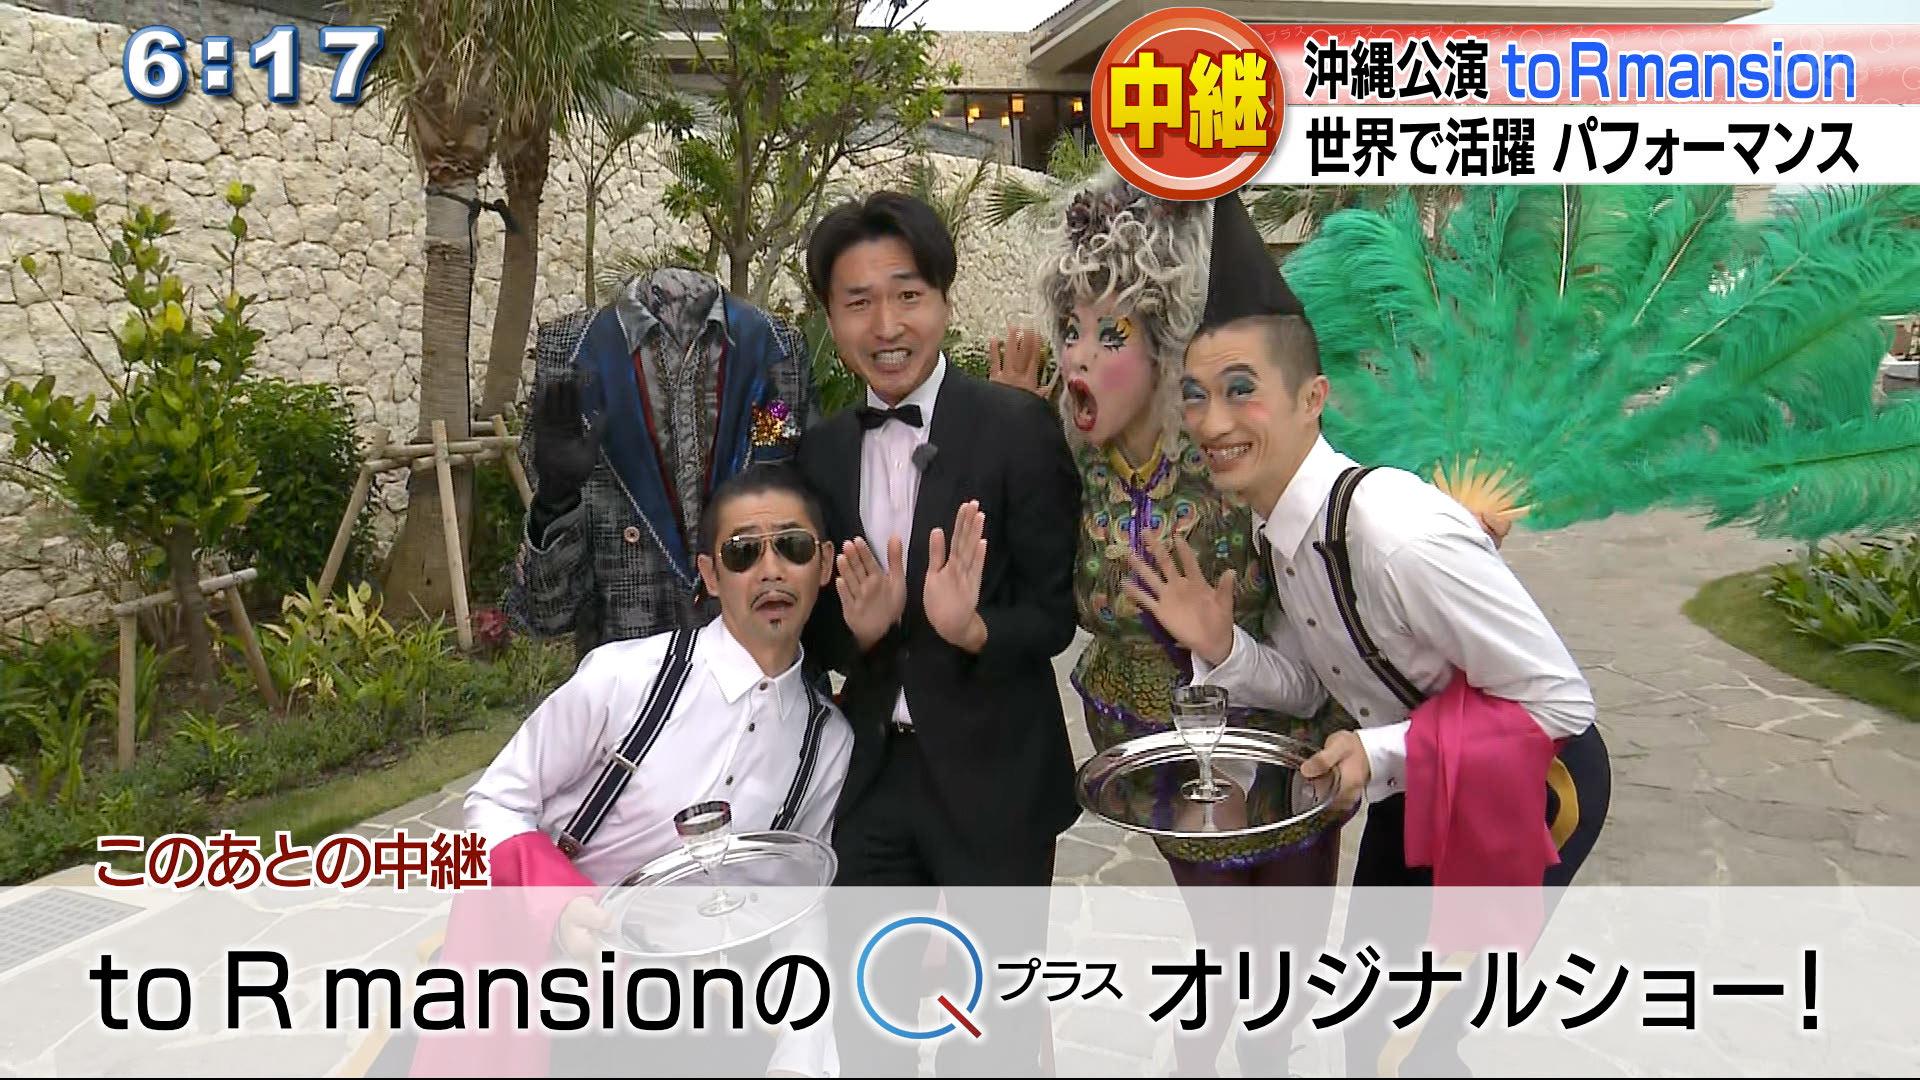 中継 世界で活躍 パフォーマー to R mansion